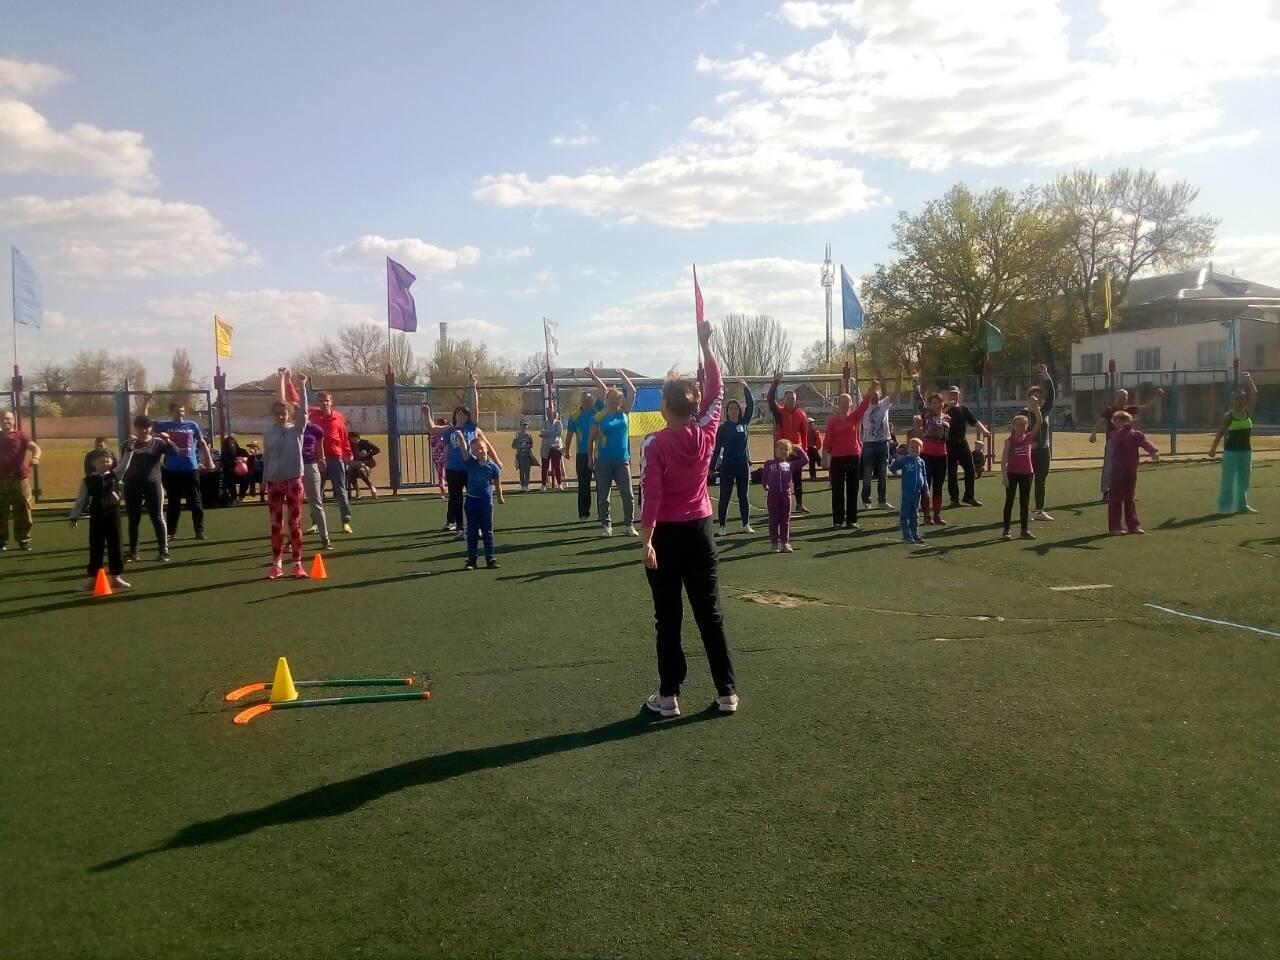 В Николаеве прошел семейный фестиваль  «Папа, мама, я - спортивная семья», - ФОТО, фото-3